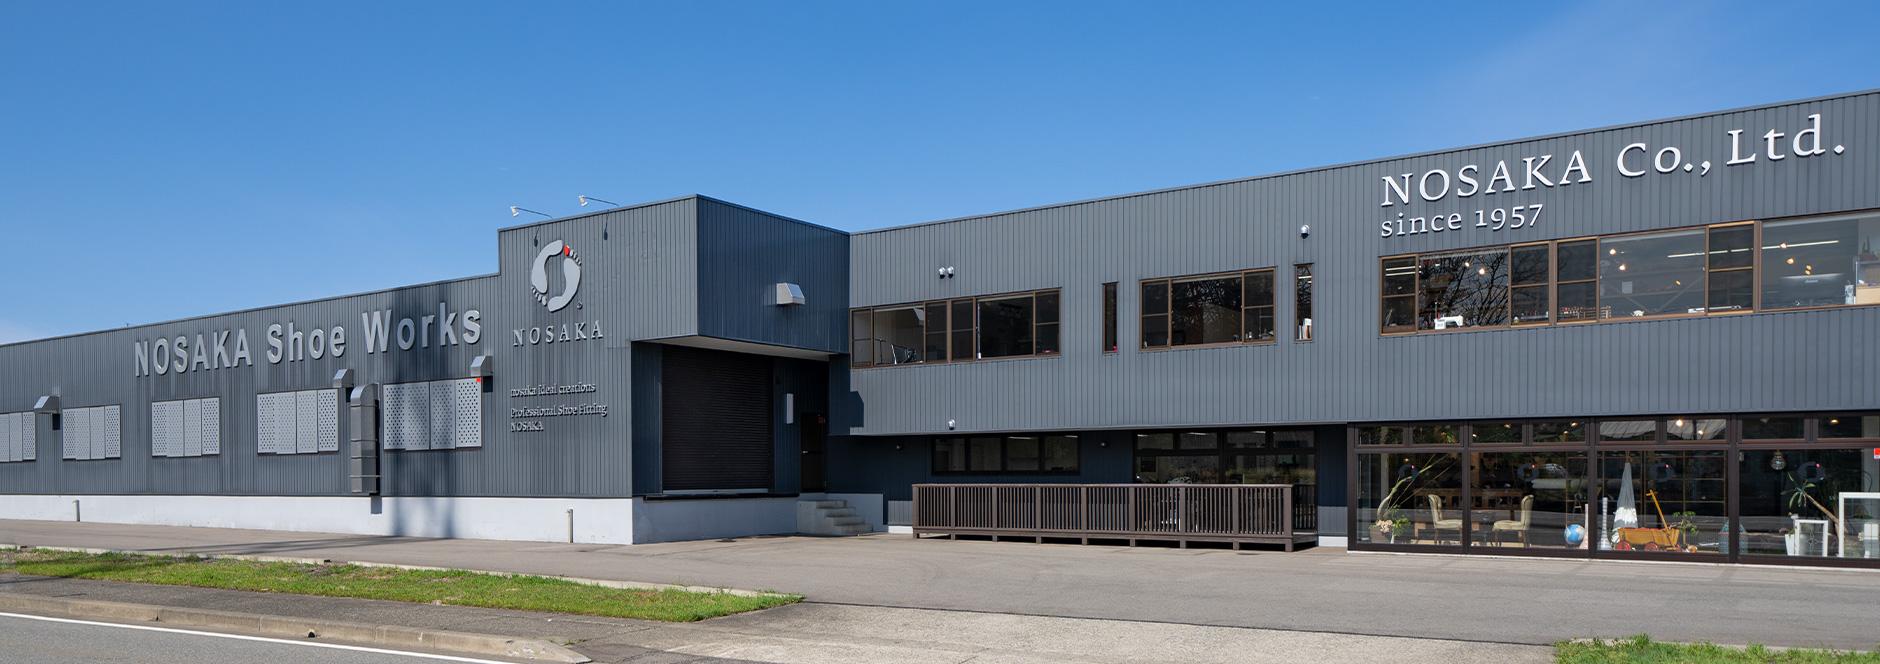 会社の建物の写真